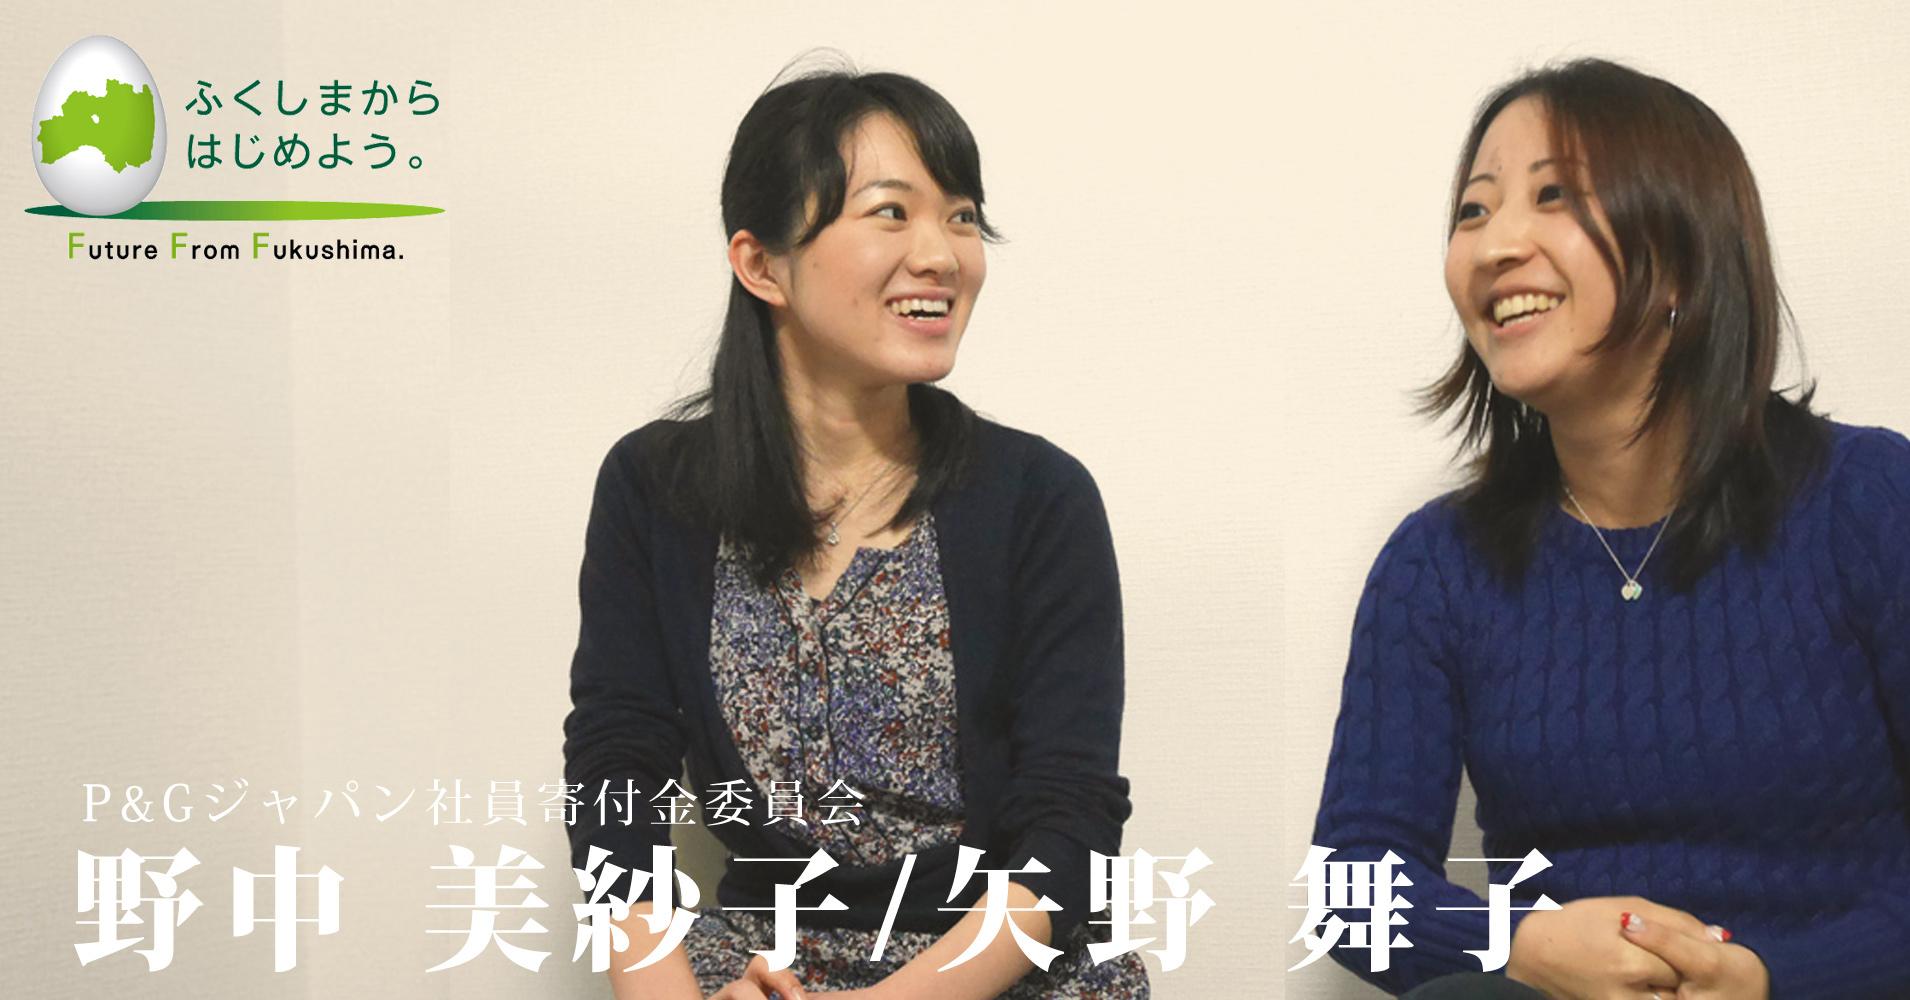 神戸から福島の人にできること。阪神淡路大震災を経験した地だからこその支援。(P&Gジャパン社員寄付基金委員会)